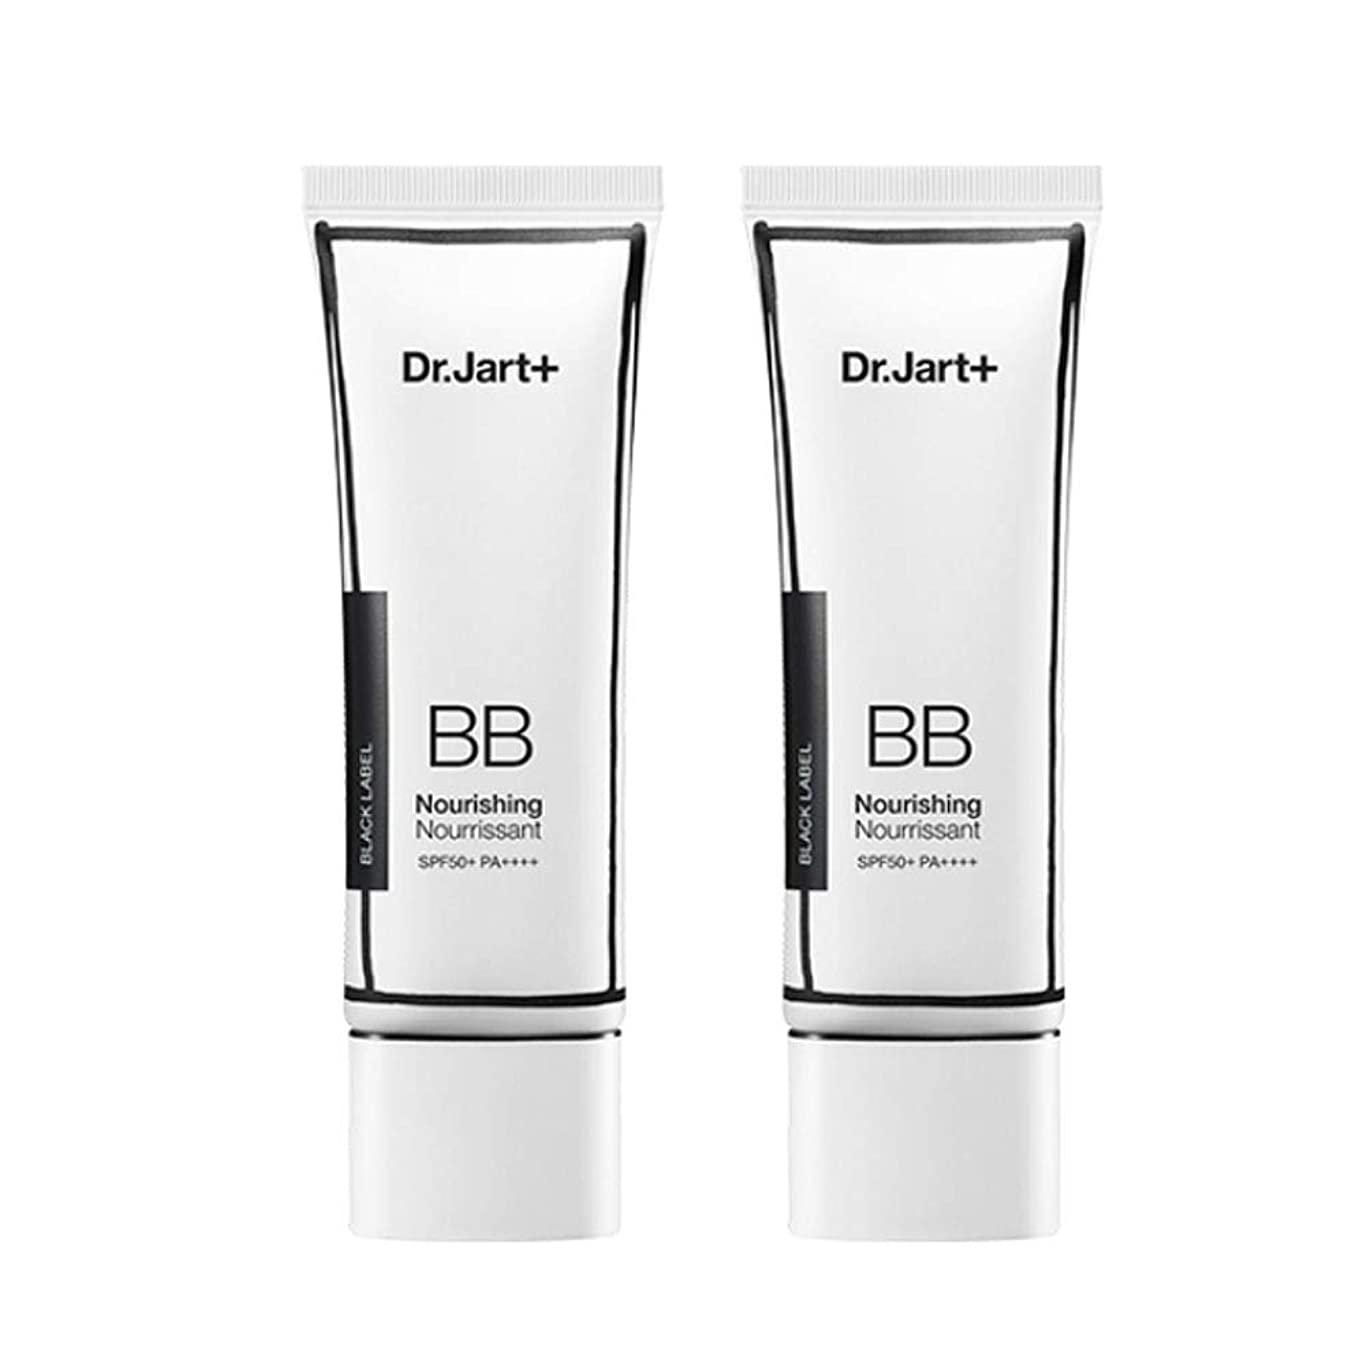 ドクタージャルトゥザメイクアップノリシンビューティーbalm 50ml x 2本セットBBクリーム、Dr.Jart Dermakeup Nourishing Beauty Balm 50ml x 2ea Set BB Cream [並行輸入品]